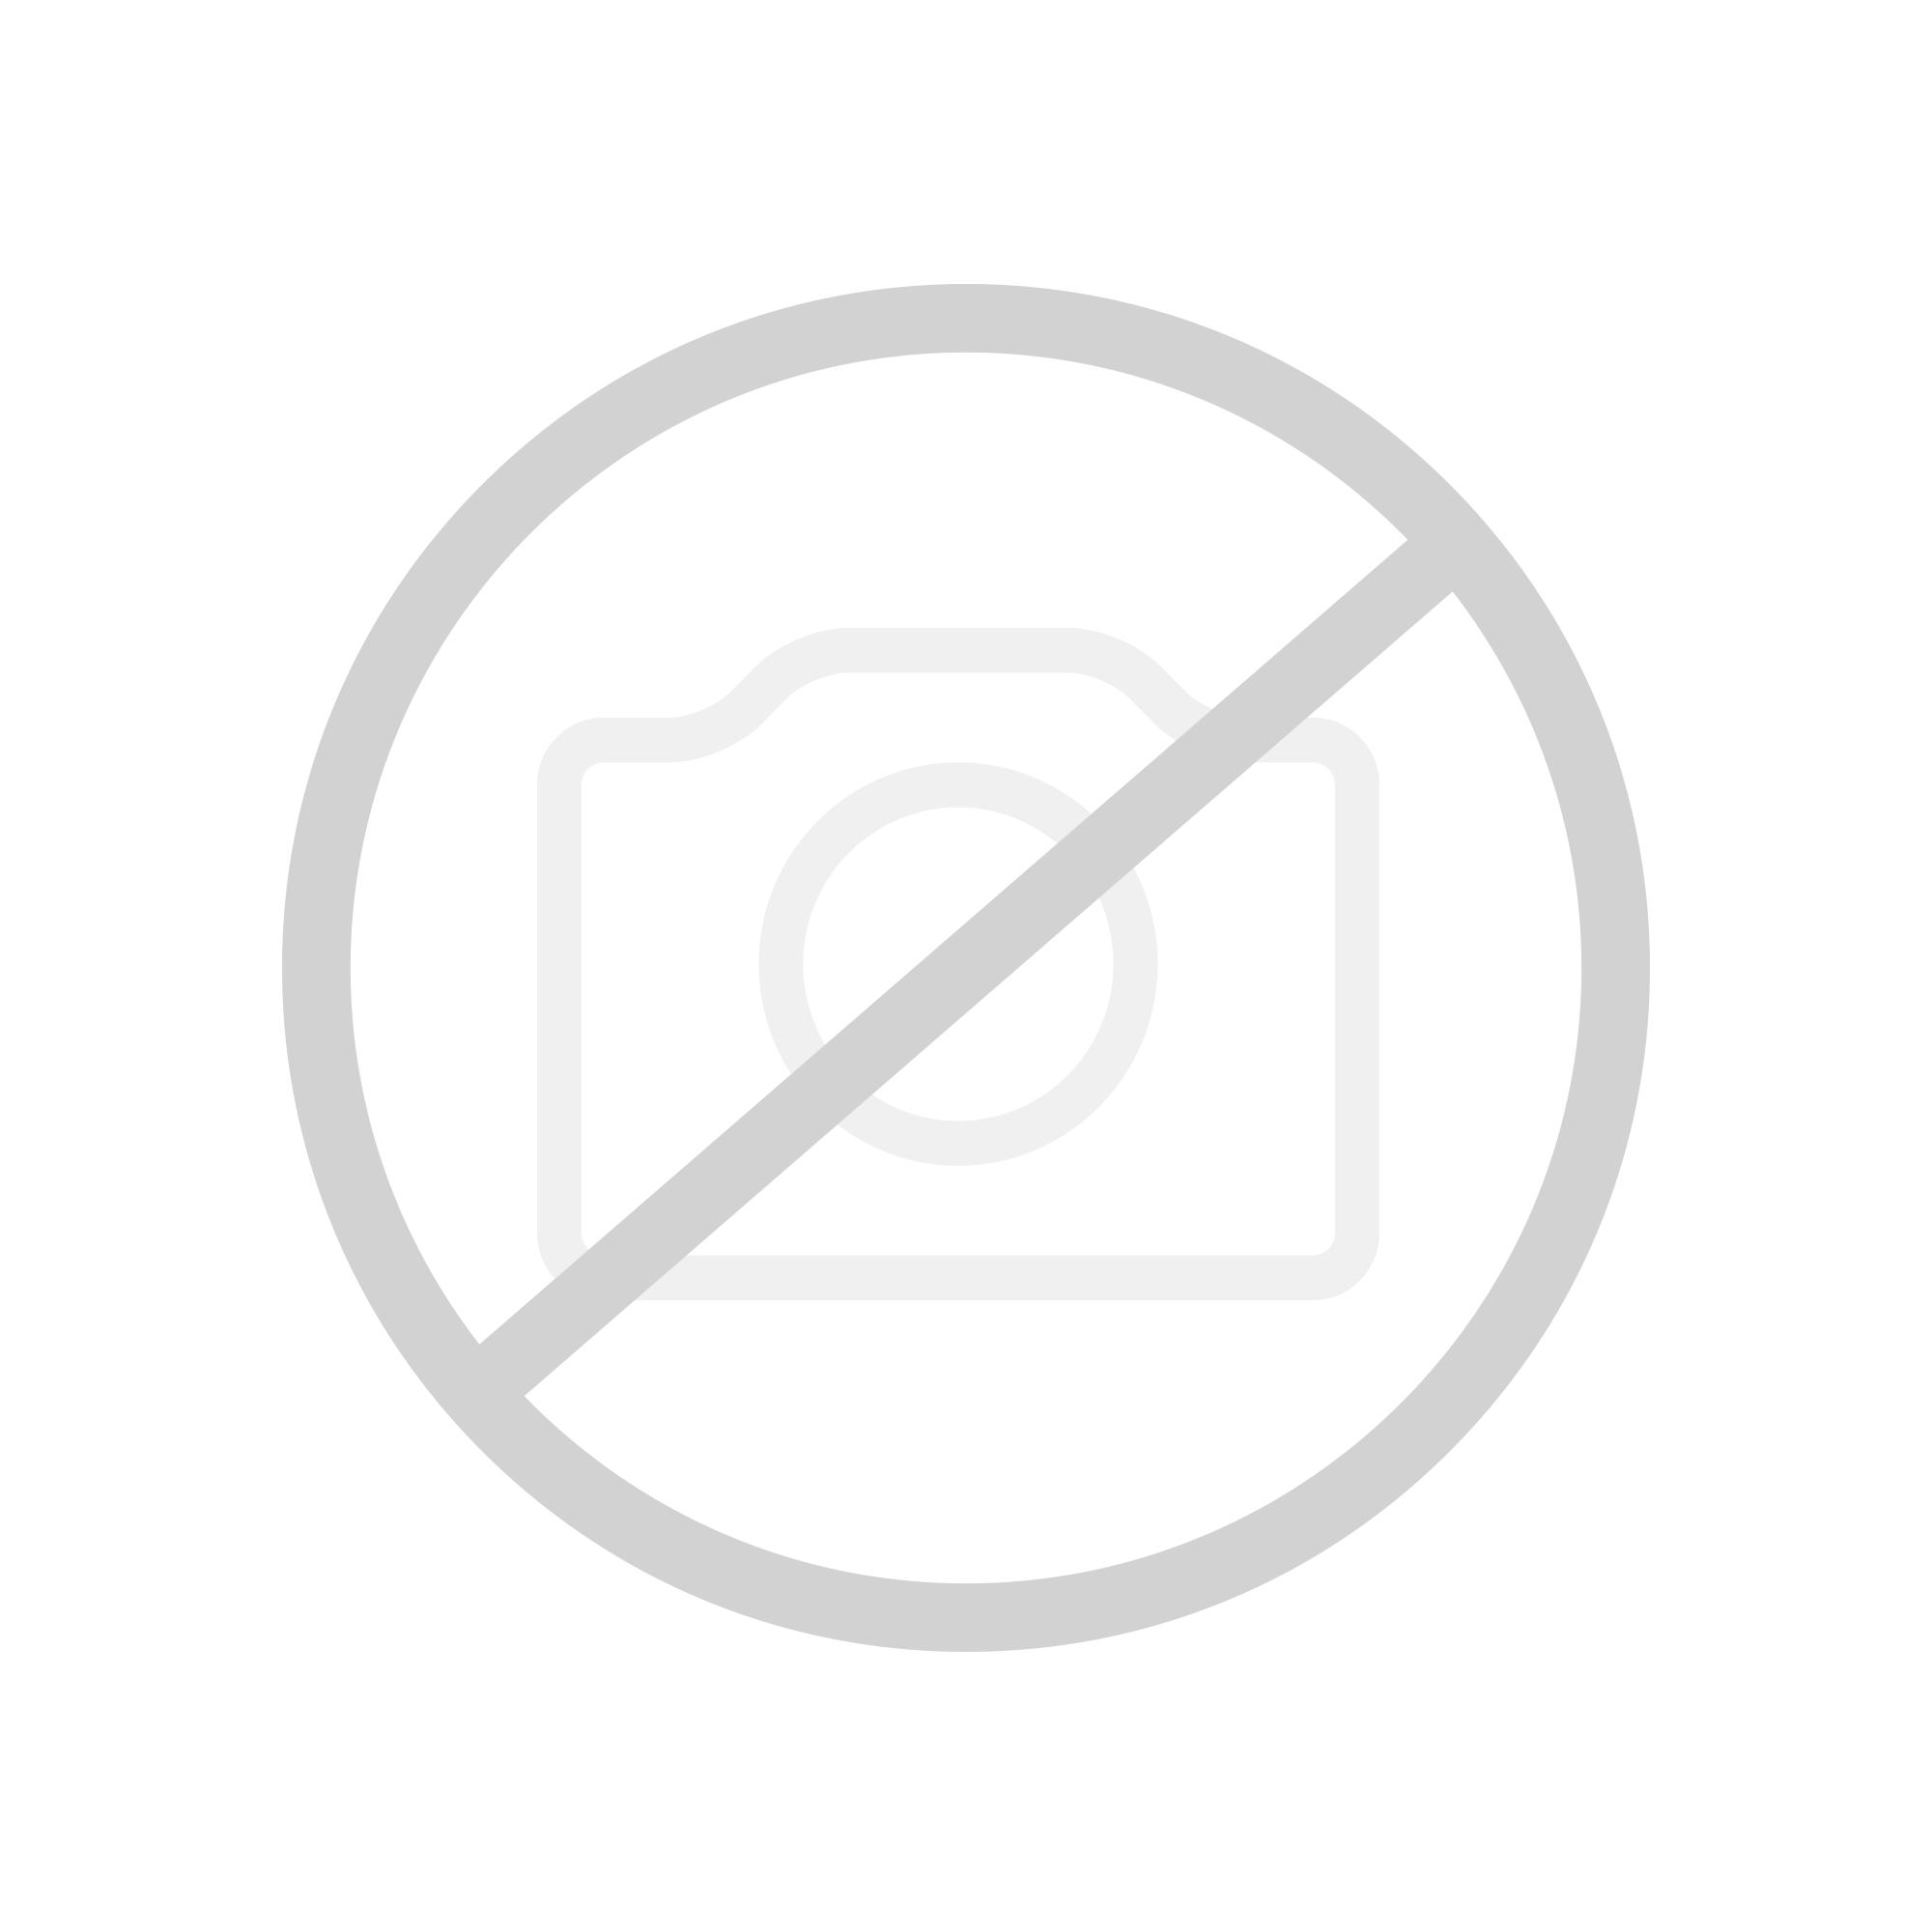 Diesel Pipe Tavolo Tischleuchte